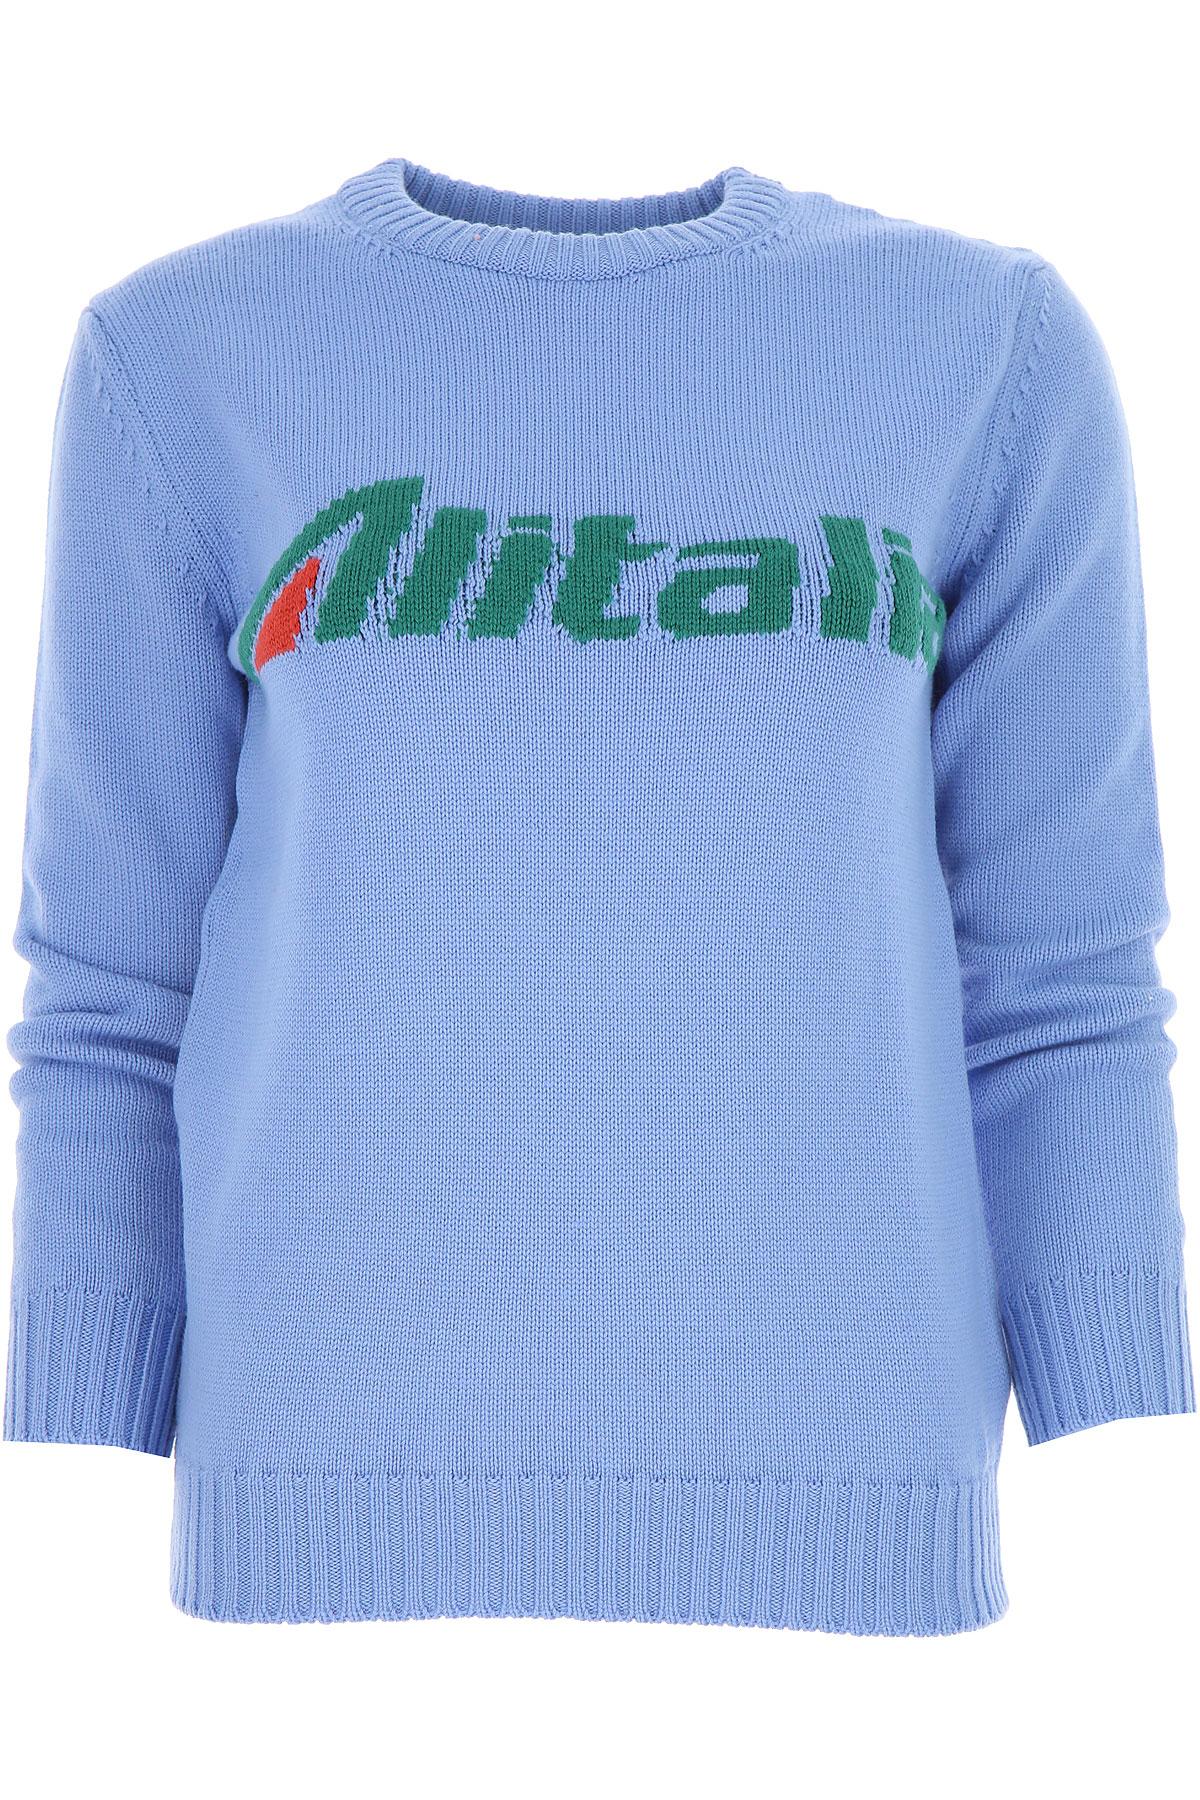 Alberta Ferretti Sweater for Women Jumper On Sale, Blue, Virgin wool, 2019, 2 4 6